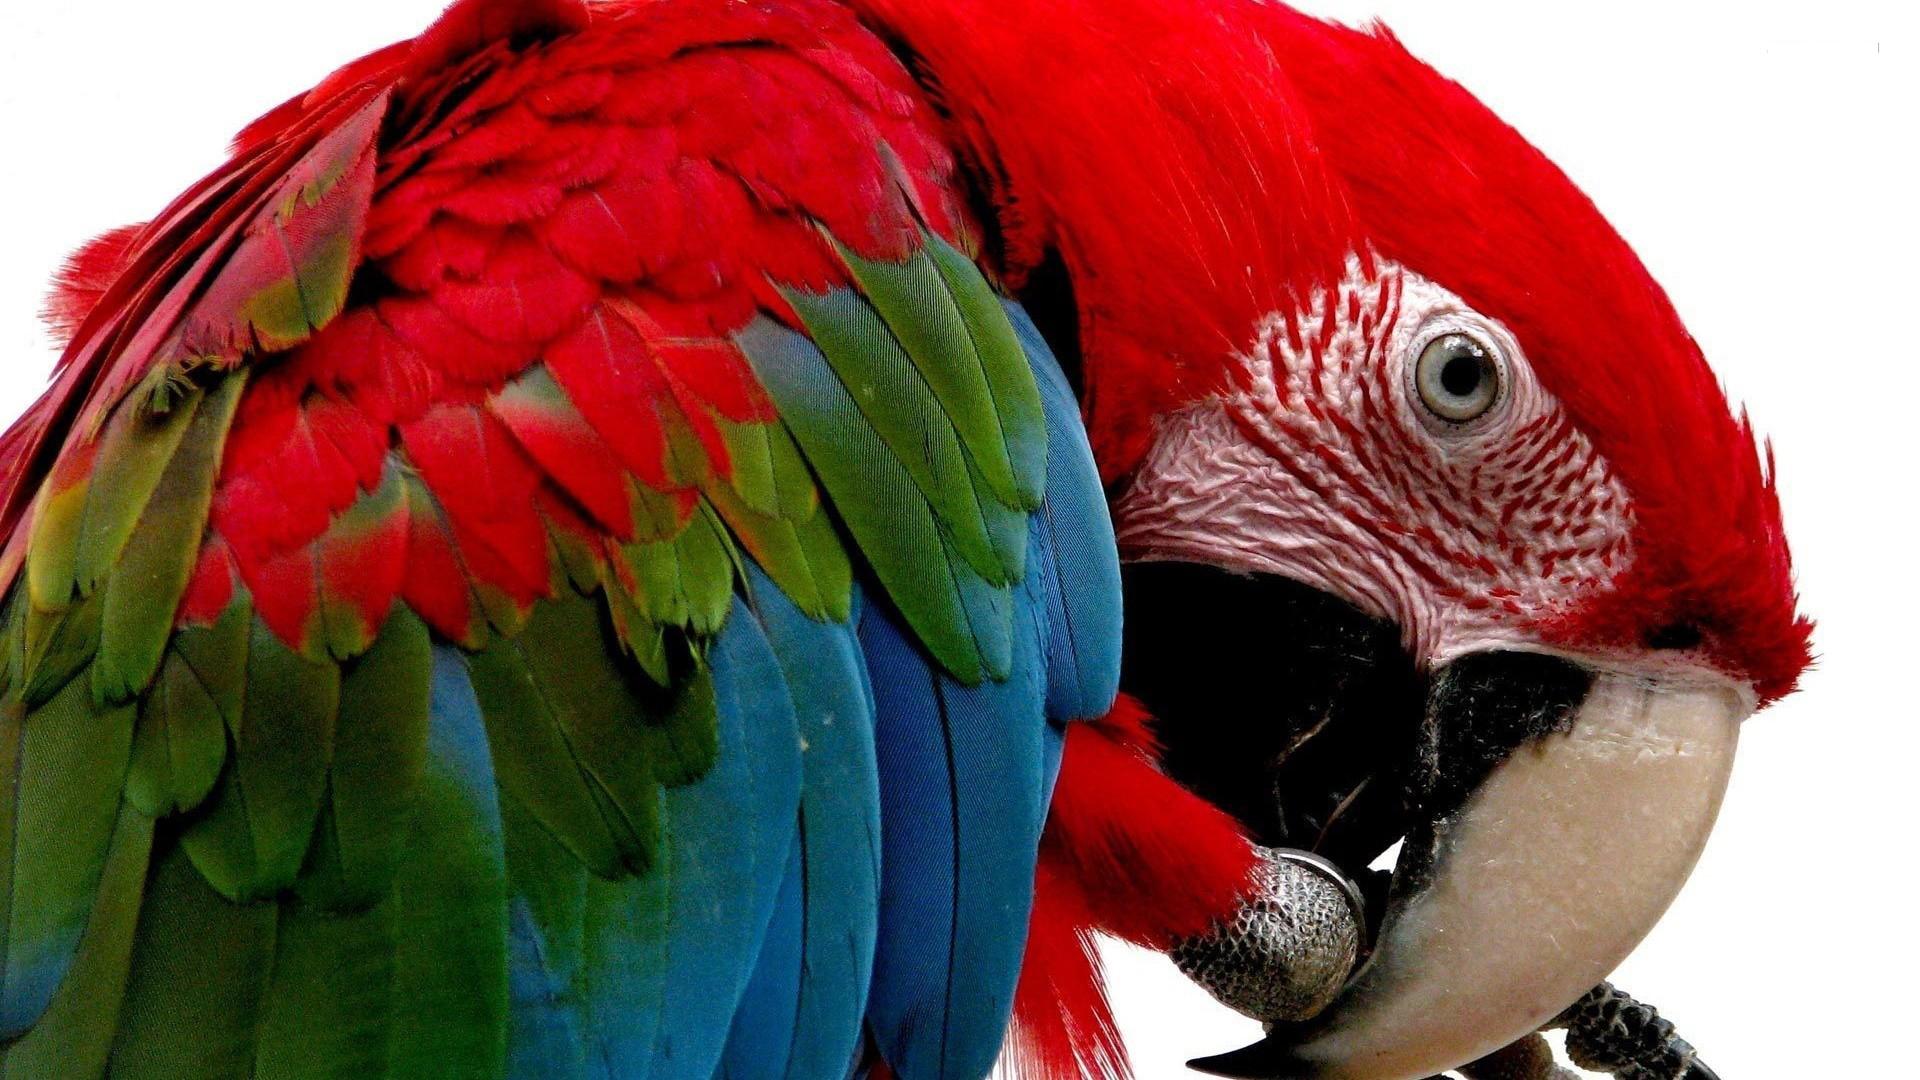 scarlet macaw hd  HD Wallpaper